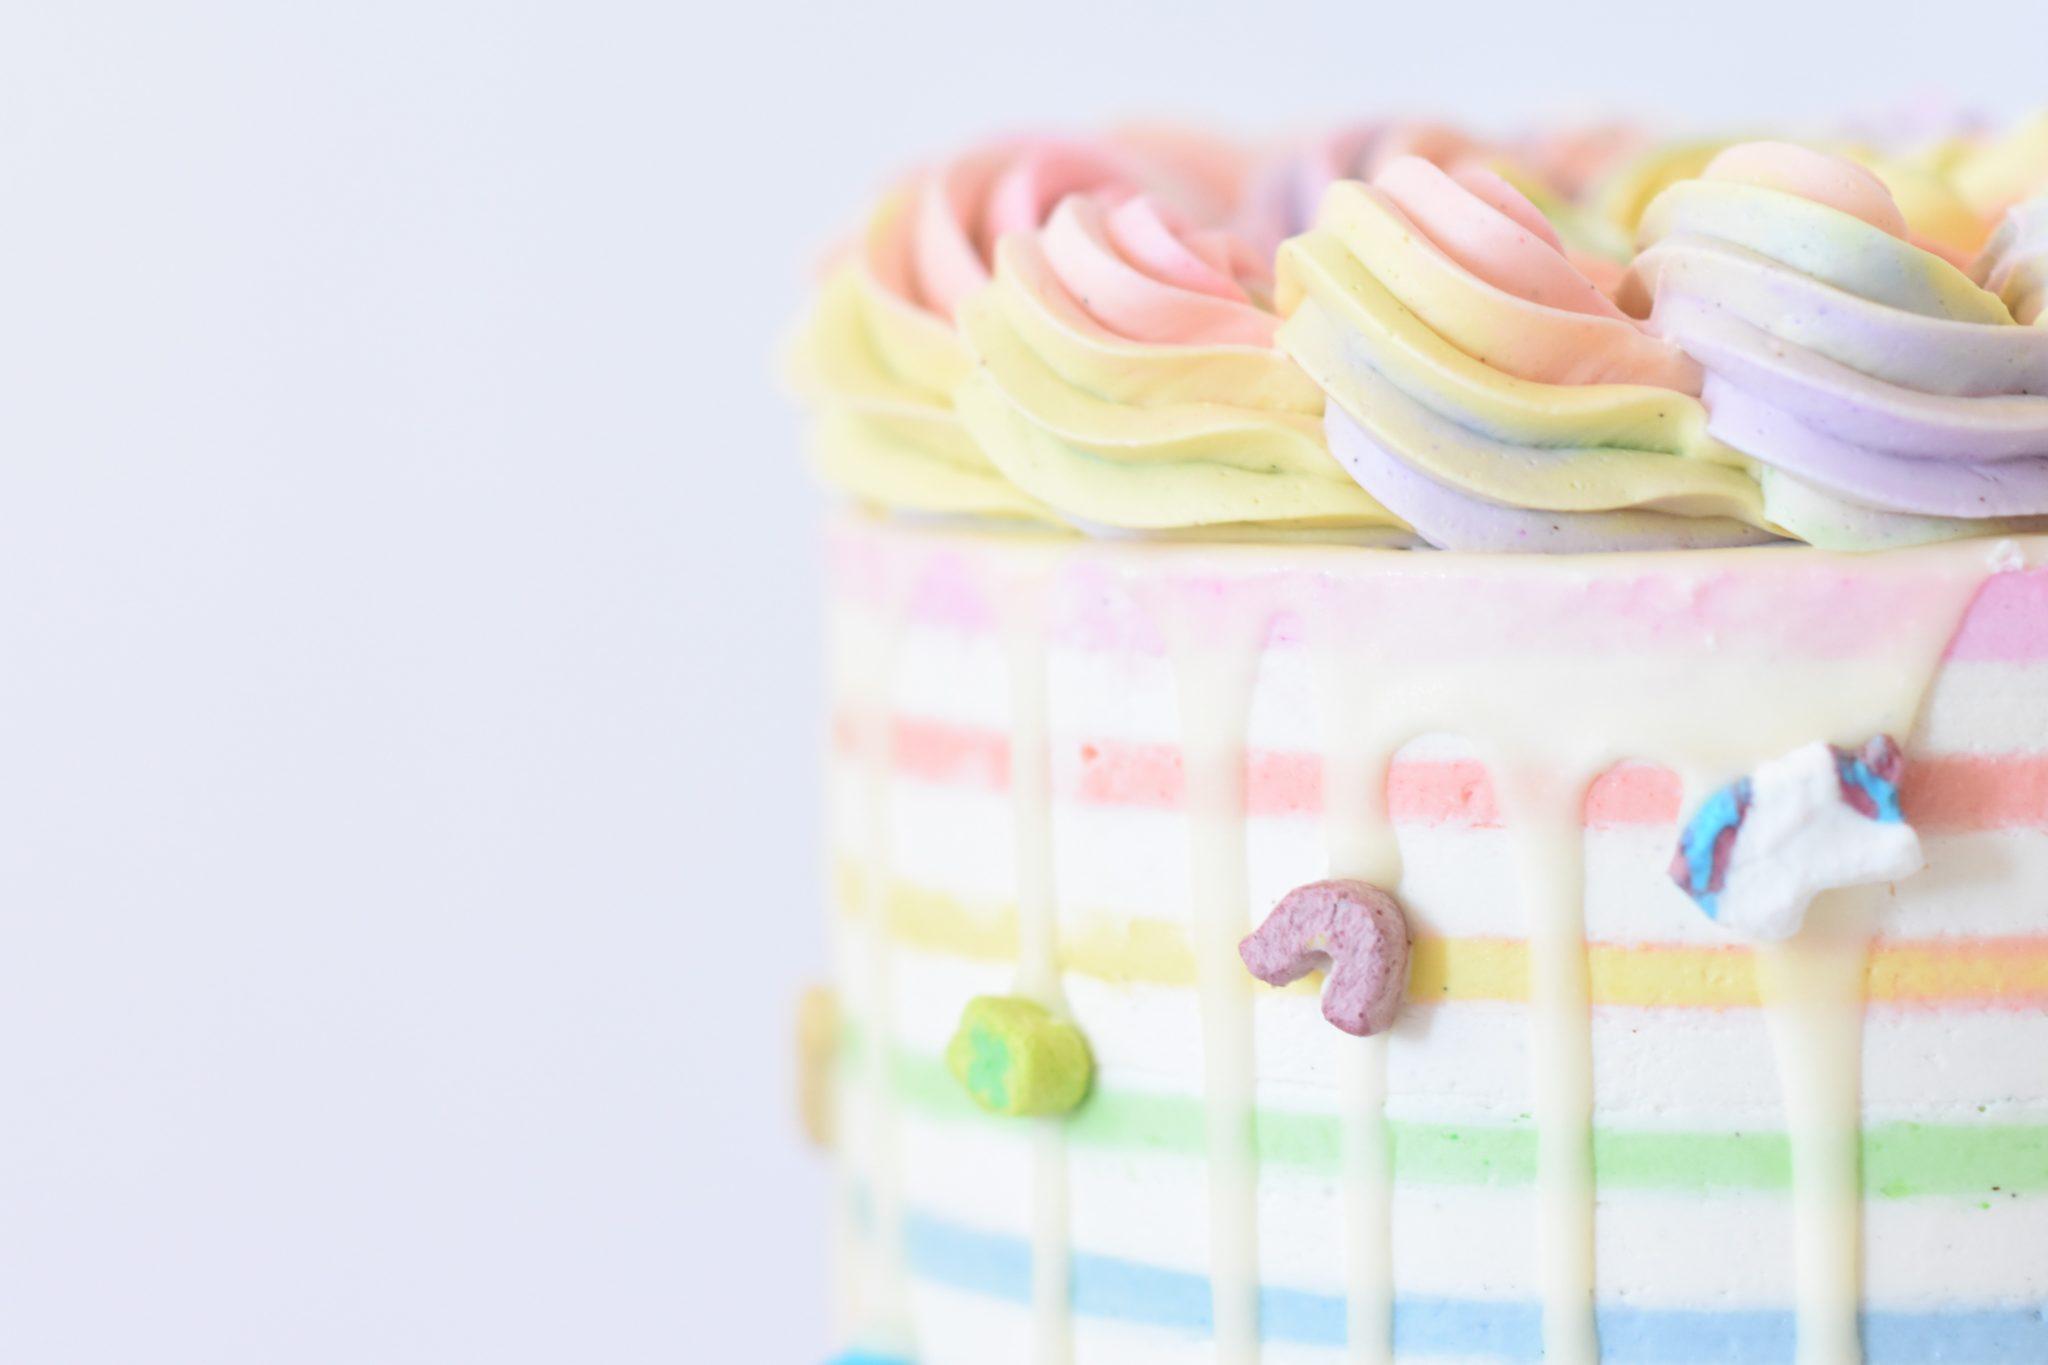 Tidligere Den Store Bagedyst-vinder dekorerer kager i Aarhus...